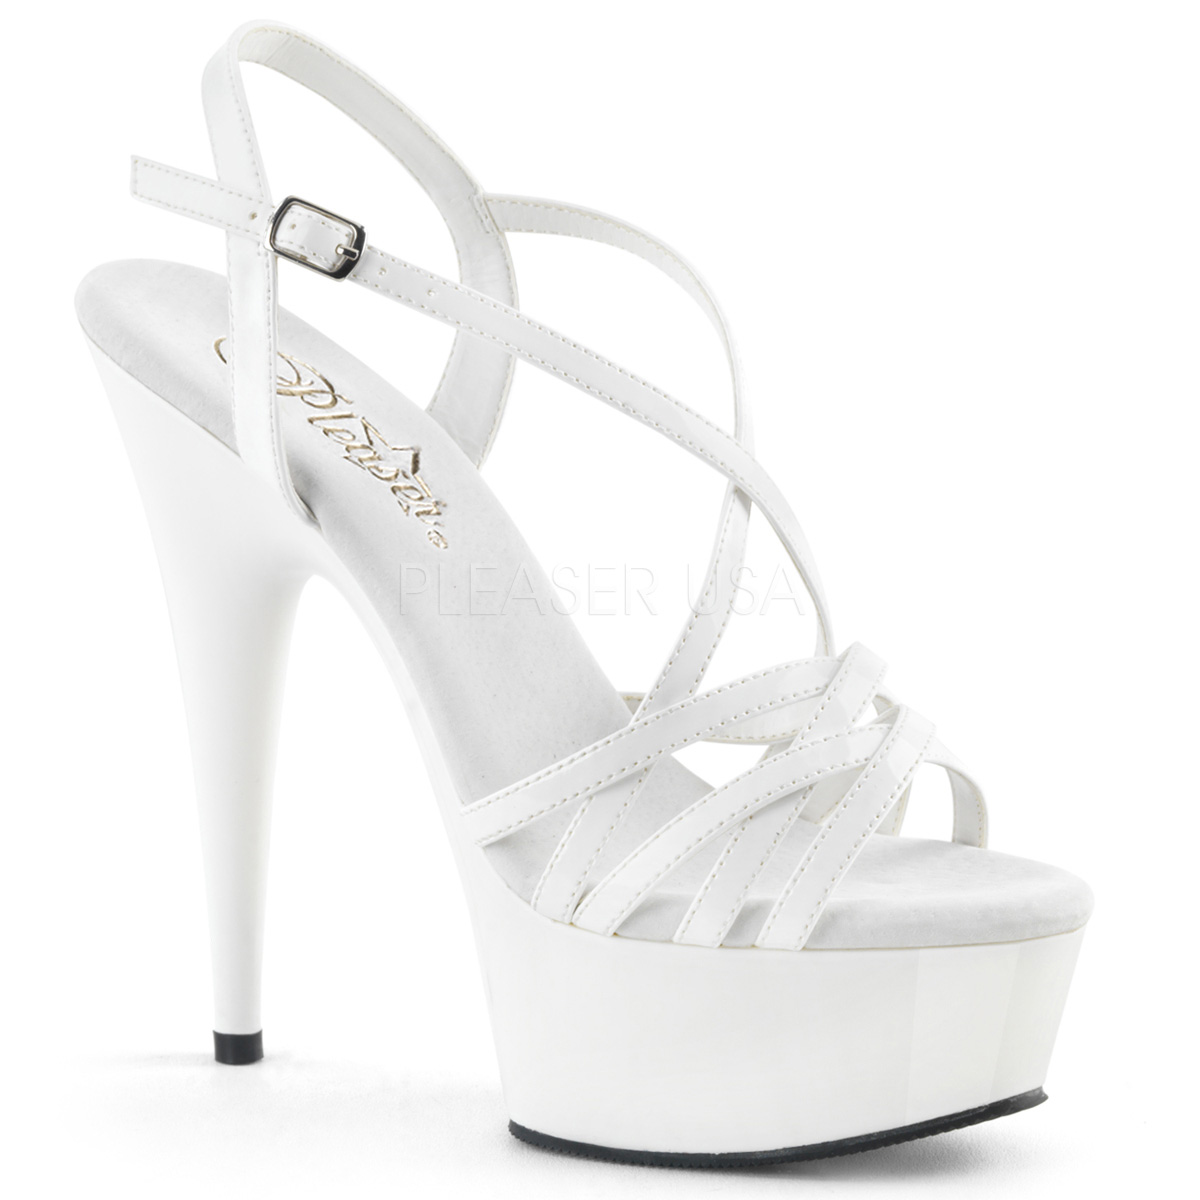 Bianco Bianco Bianco 15 cm Pleaser DELIGHT 613 Sandali Donna con Tacco 6f64db